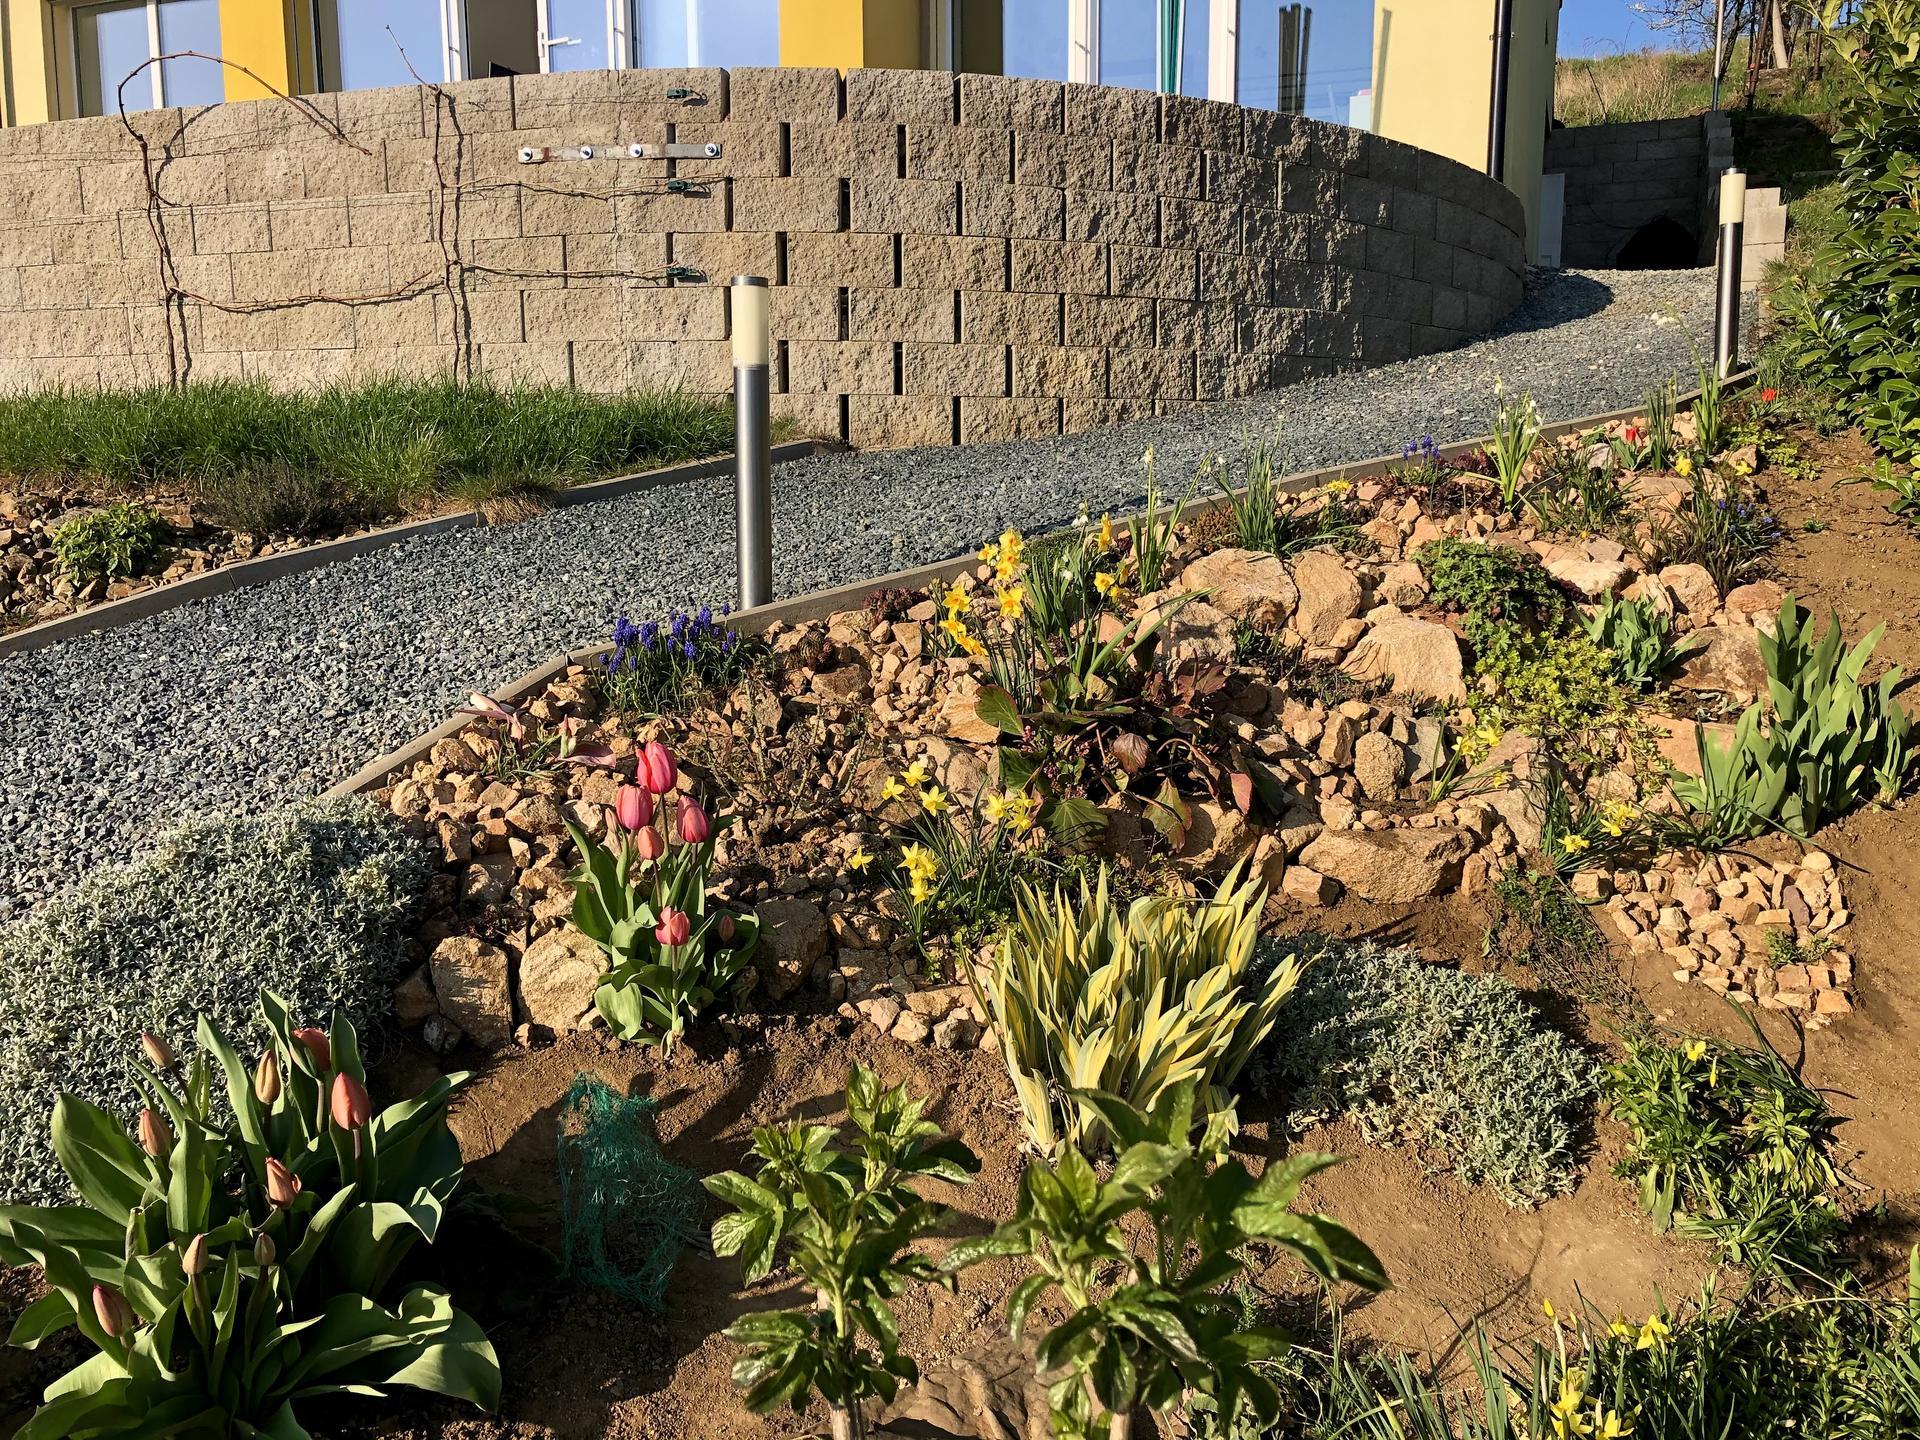 Skřítčí zahrada 2021 - Duben 2021 - a zase mi došly větší kameny, chceme ale dělat cestičku dozadu za dům, tam se jich najde dost